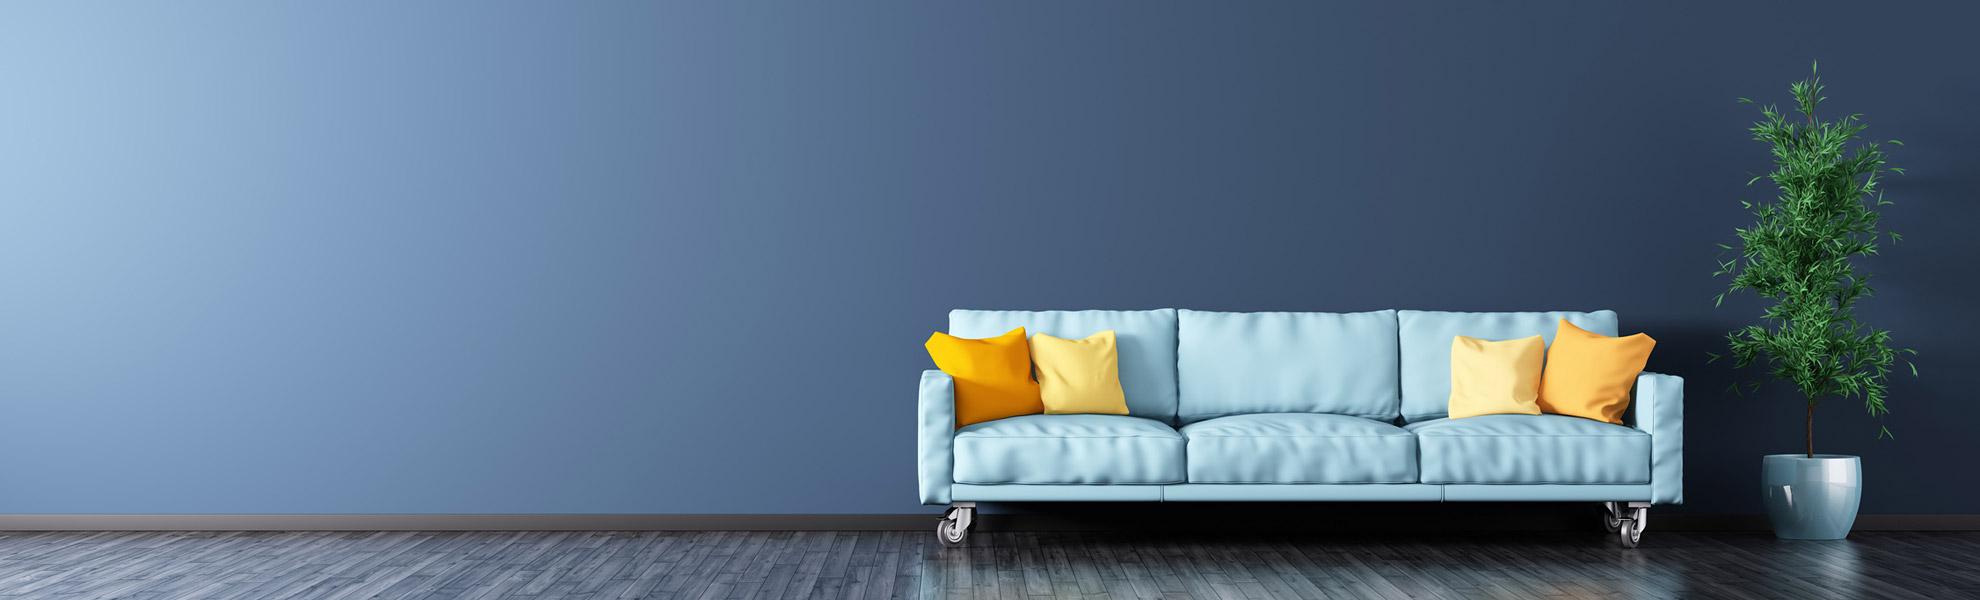 Hintergrund des Headers der Startseite: Raum mit einem Sofa